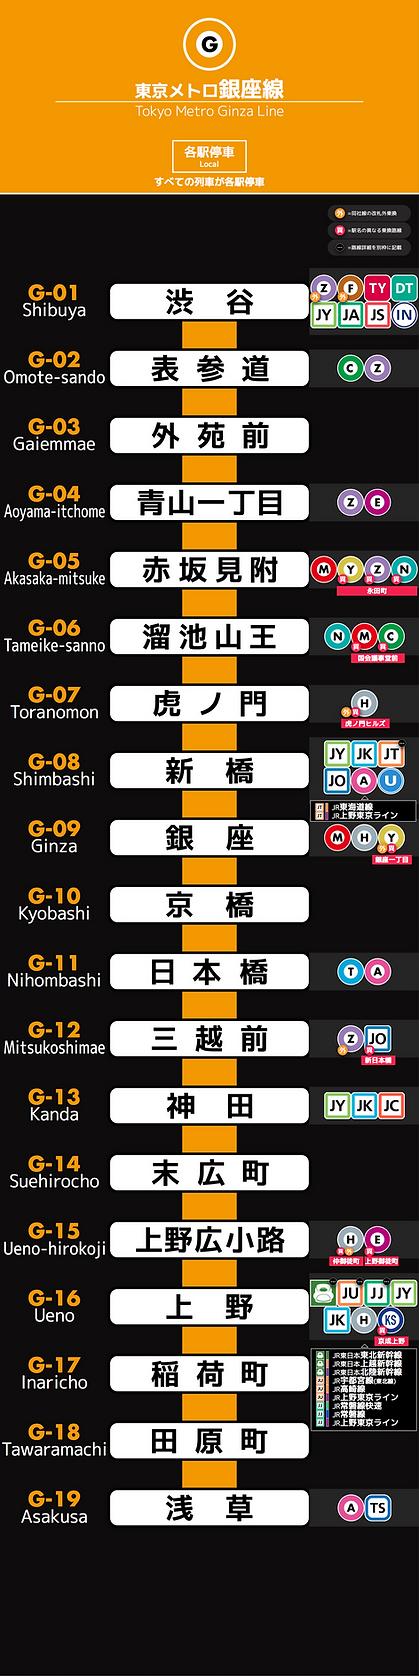 東京メトロ銀座線_20210307.png